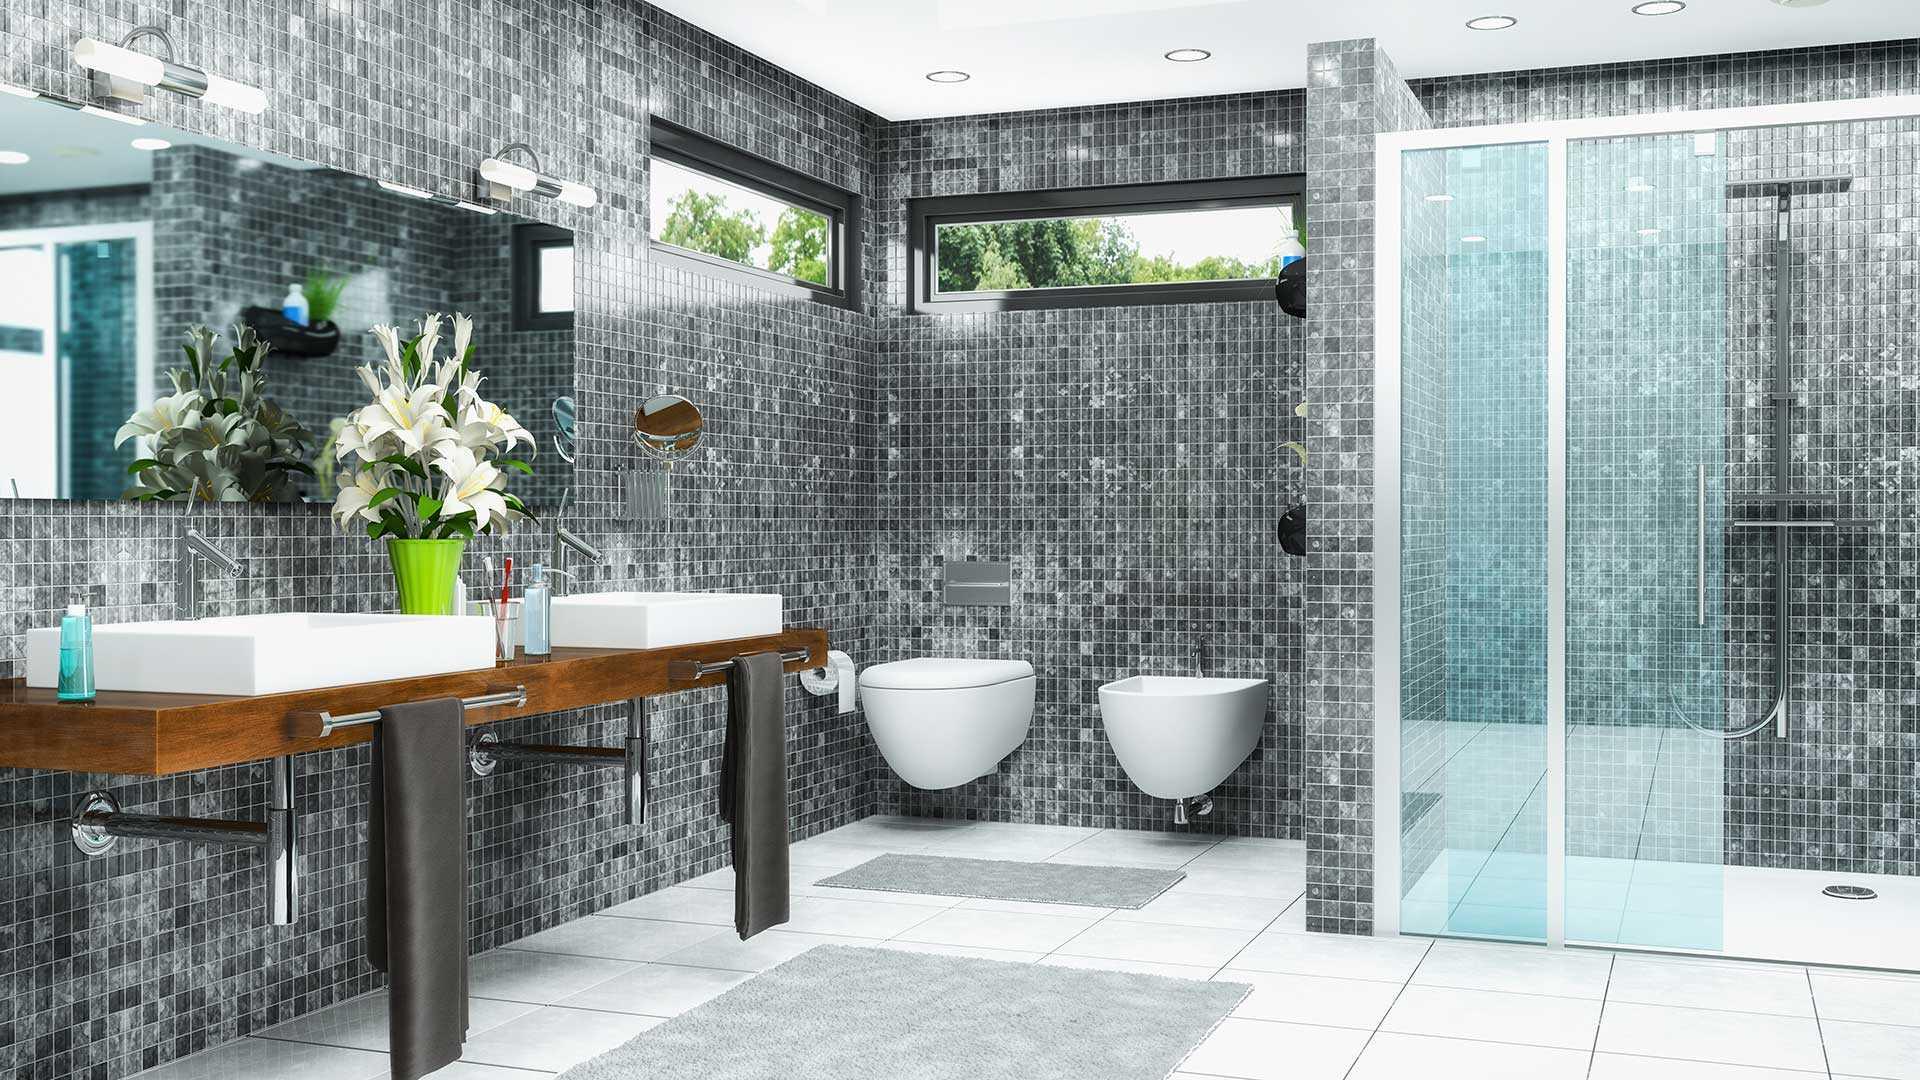 Fenster im Badezimmer | Welche Fenster eignen sich im Bad?